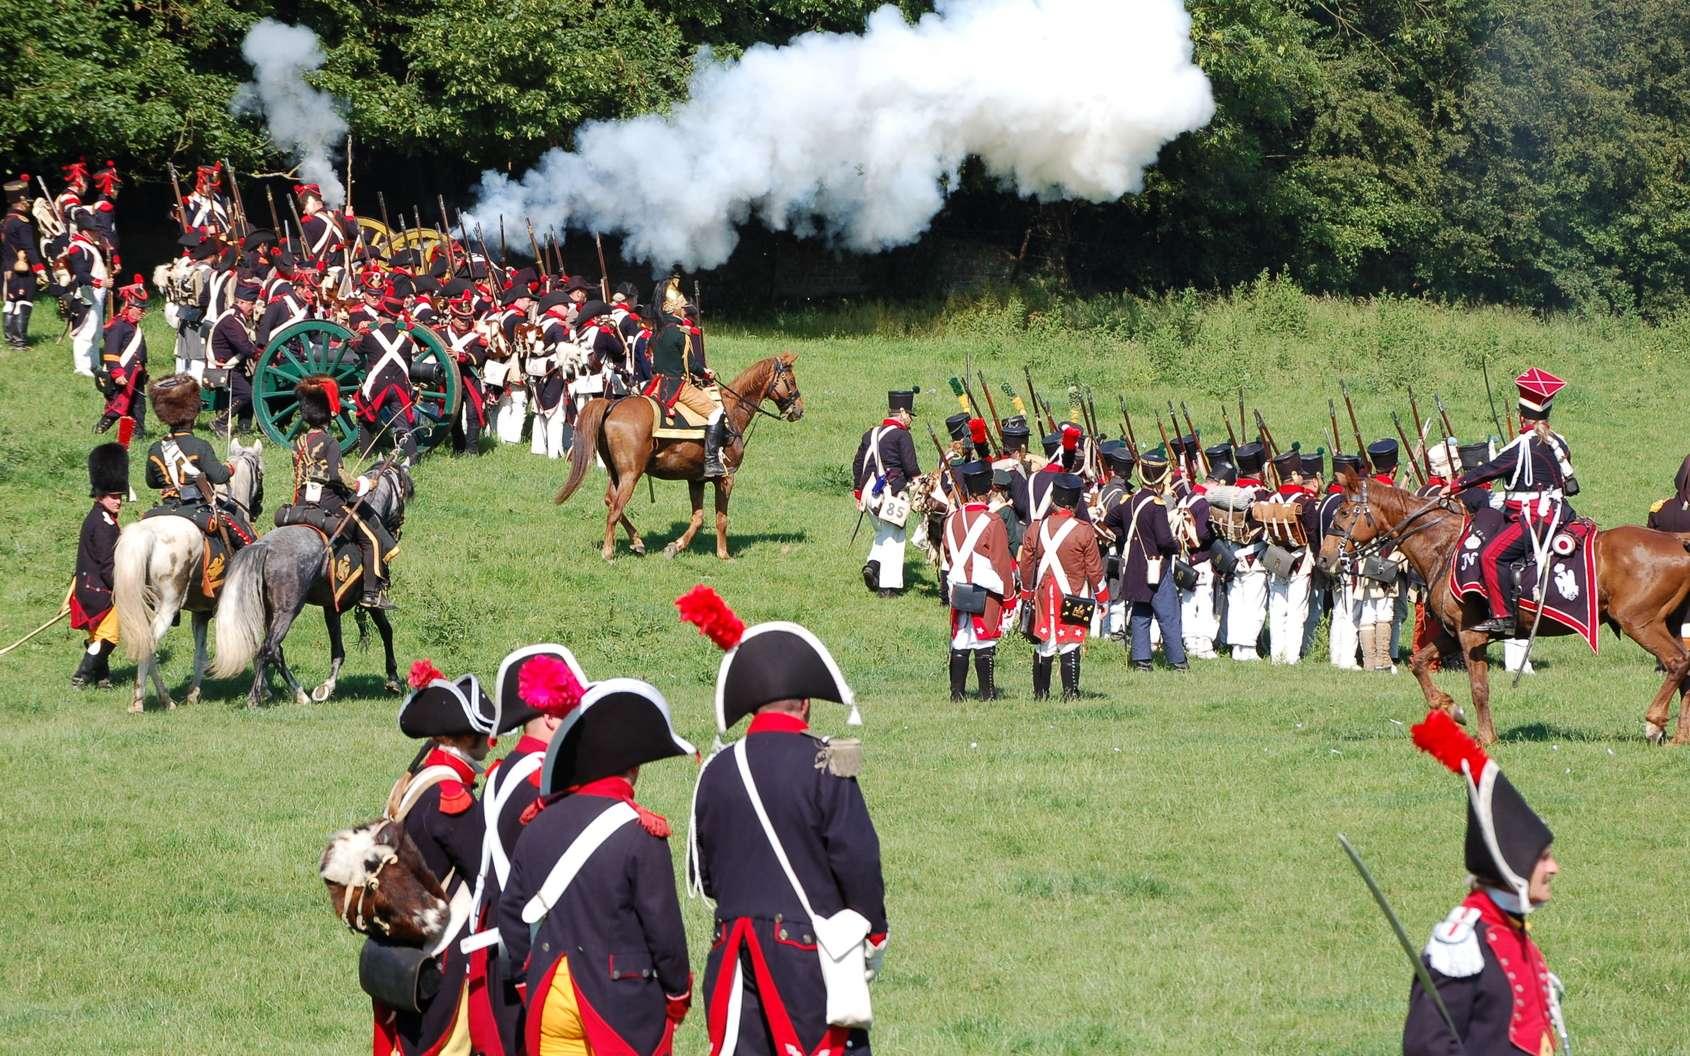 Une reconstitution de la bataille de Waterloo. © Fotolia, Ludovic Lan